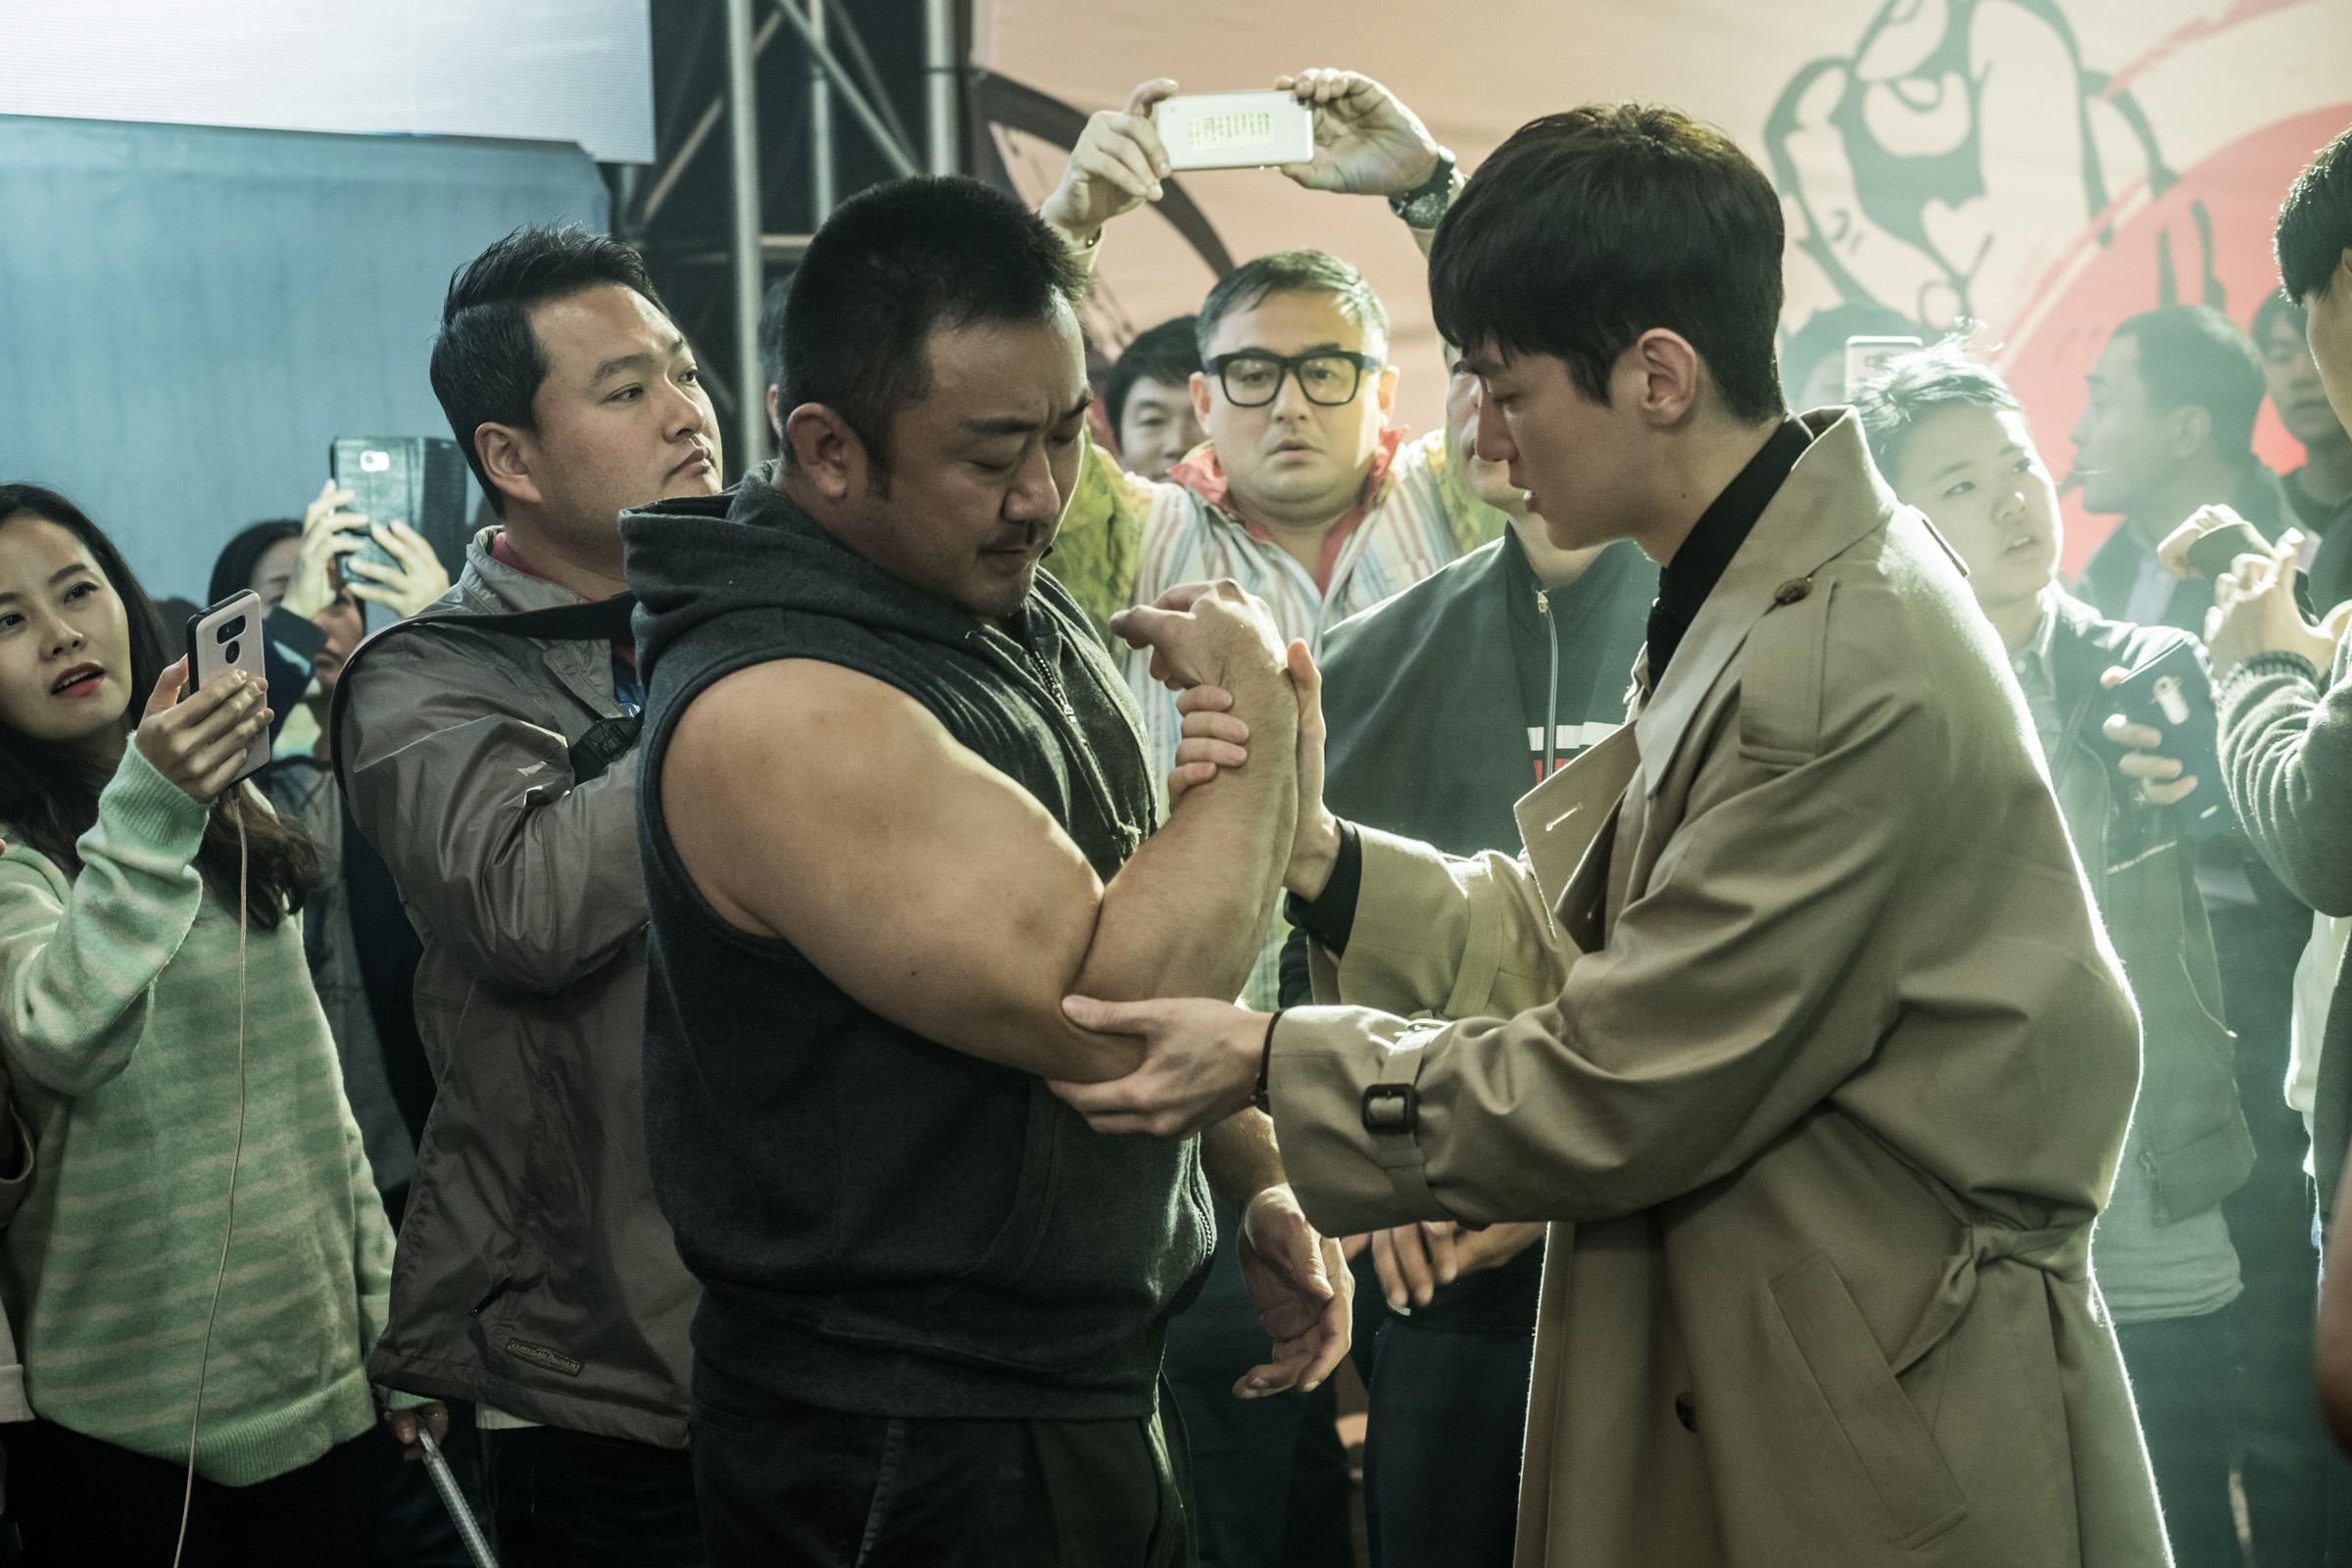 亞洲力量男神 馬東錫 在《 冠軍大叔 》片中展現20吋驚人肌肉手臂